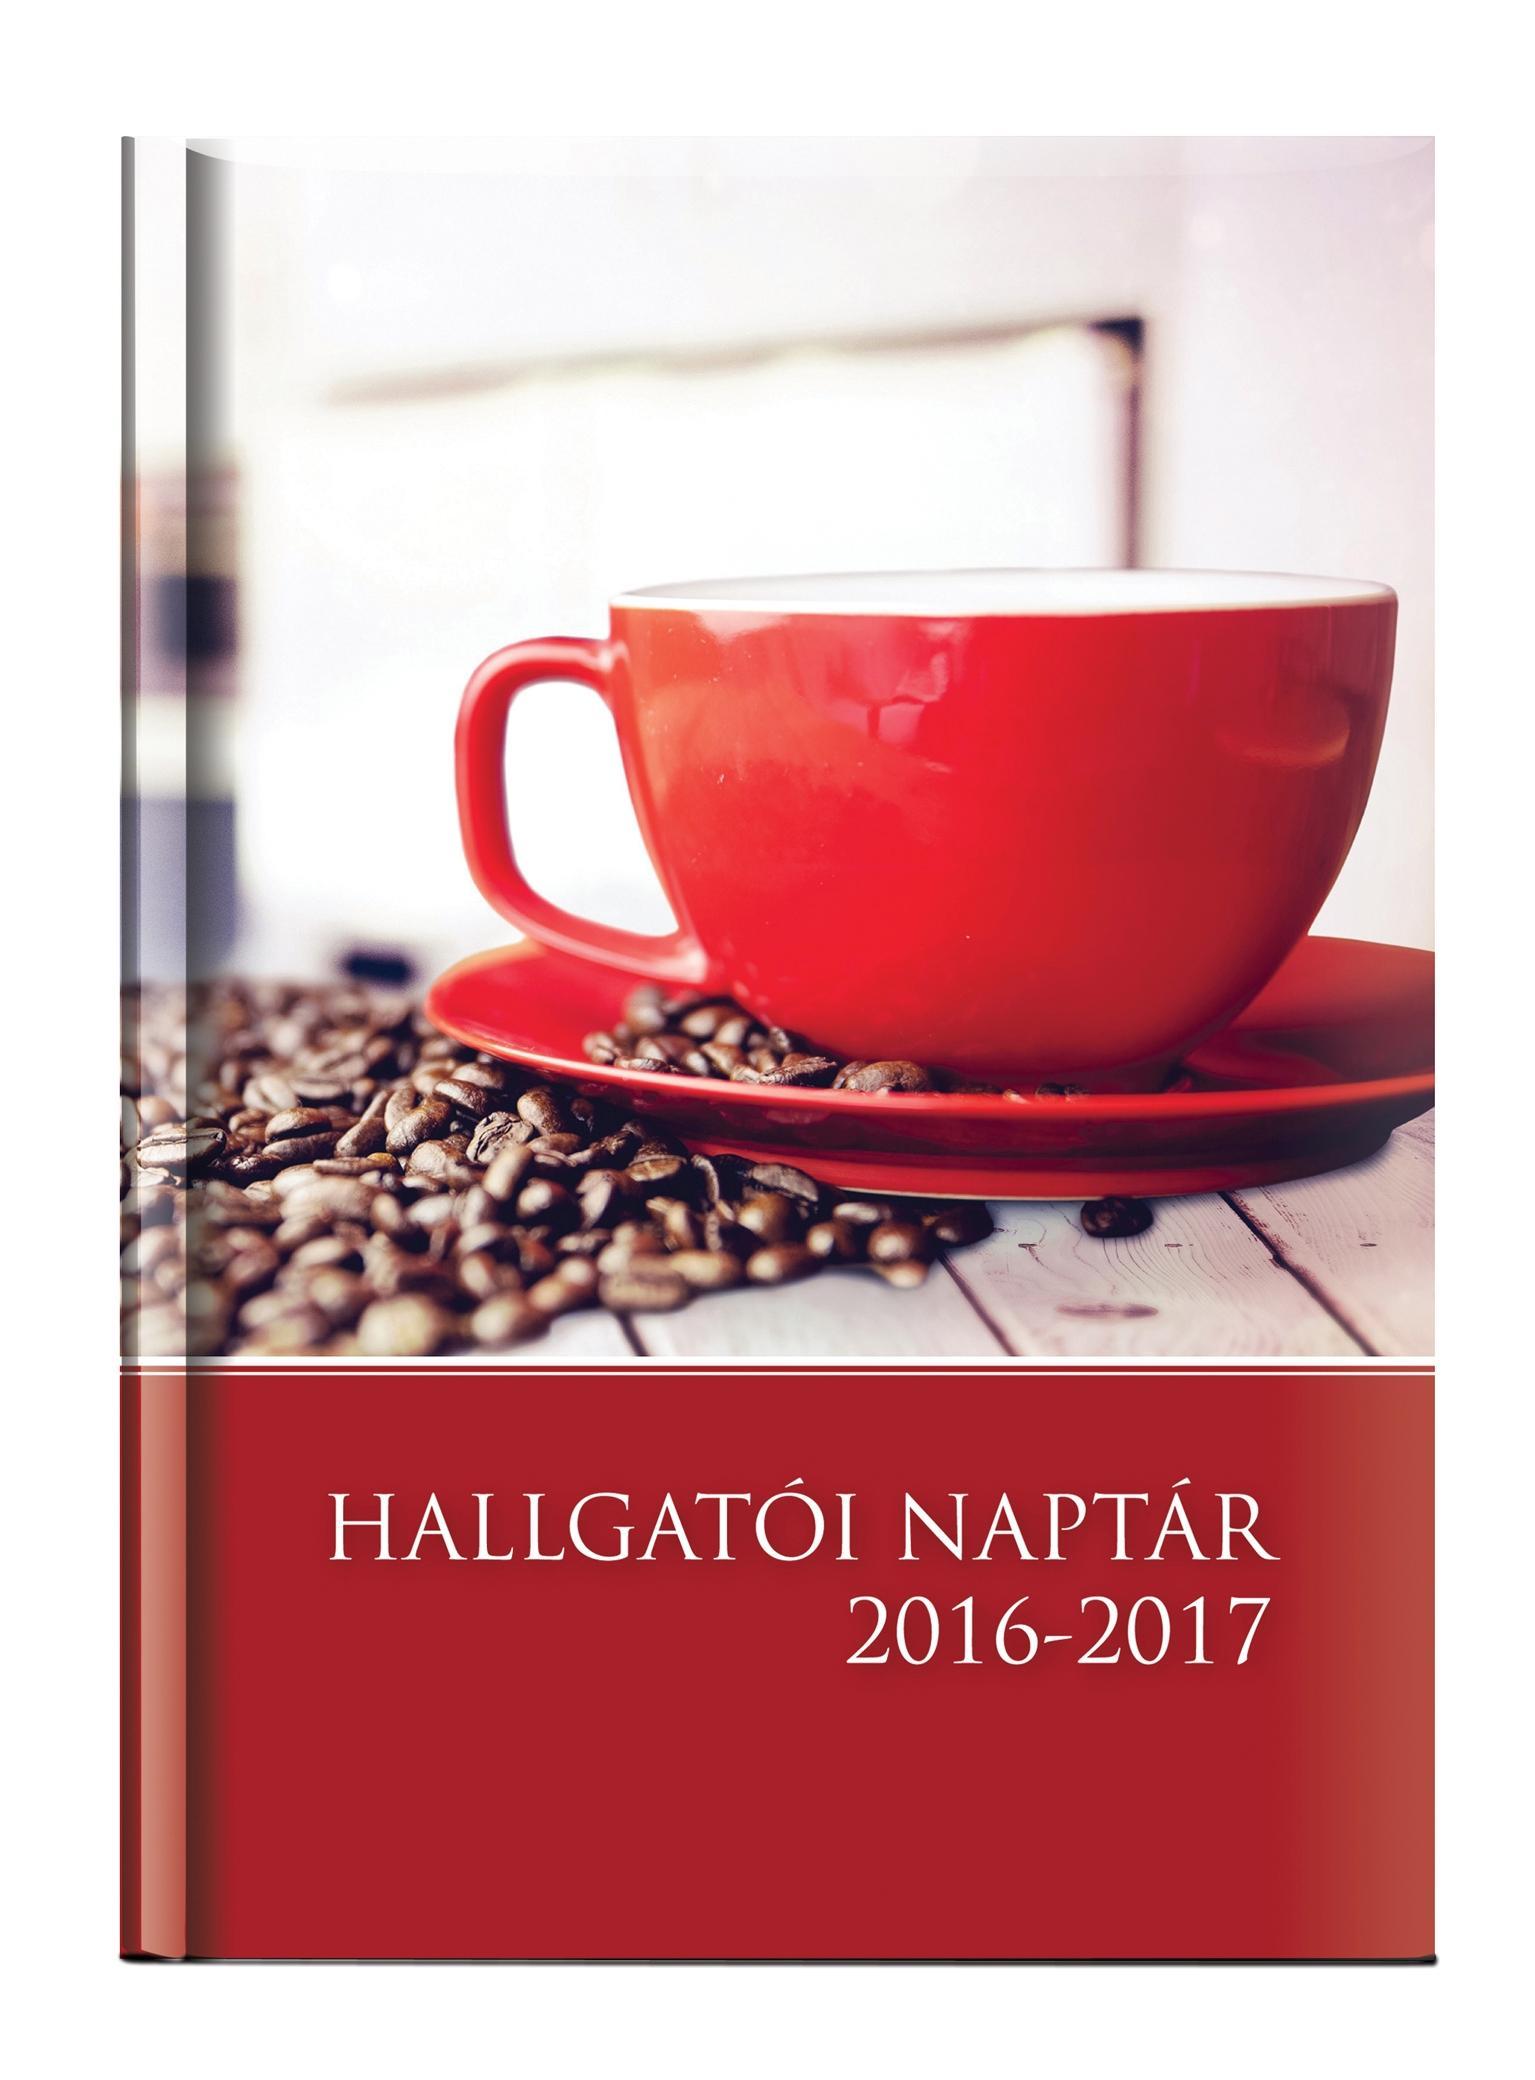 HALLGATÓI NAPTÁR 2016-2017 - A5, KÁVÉS